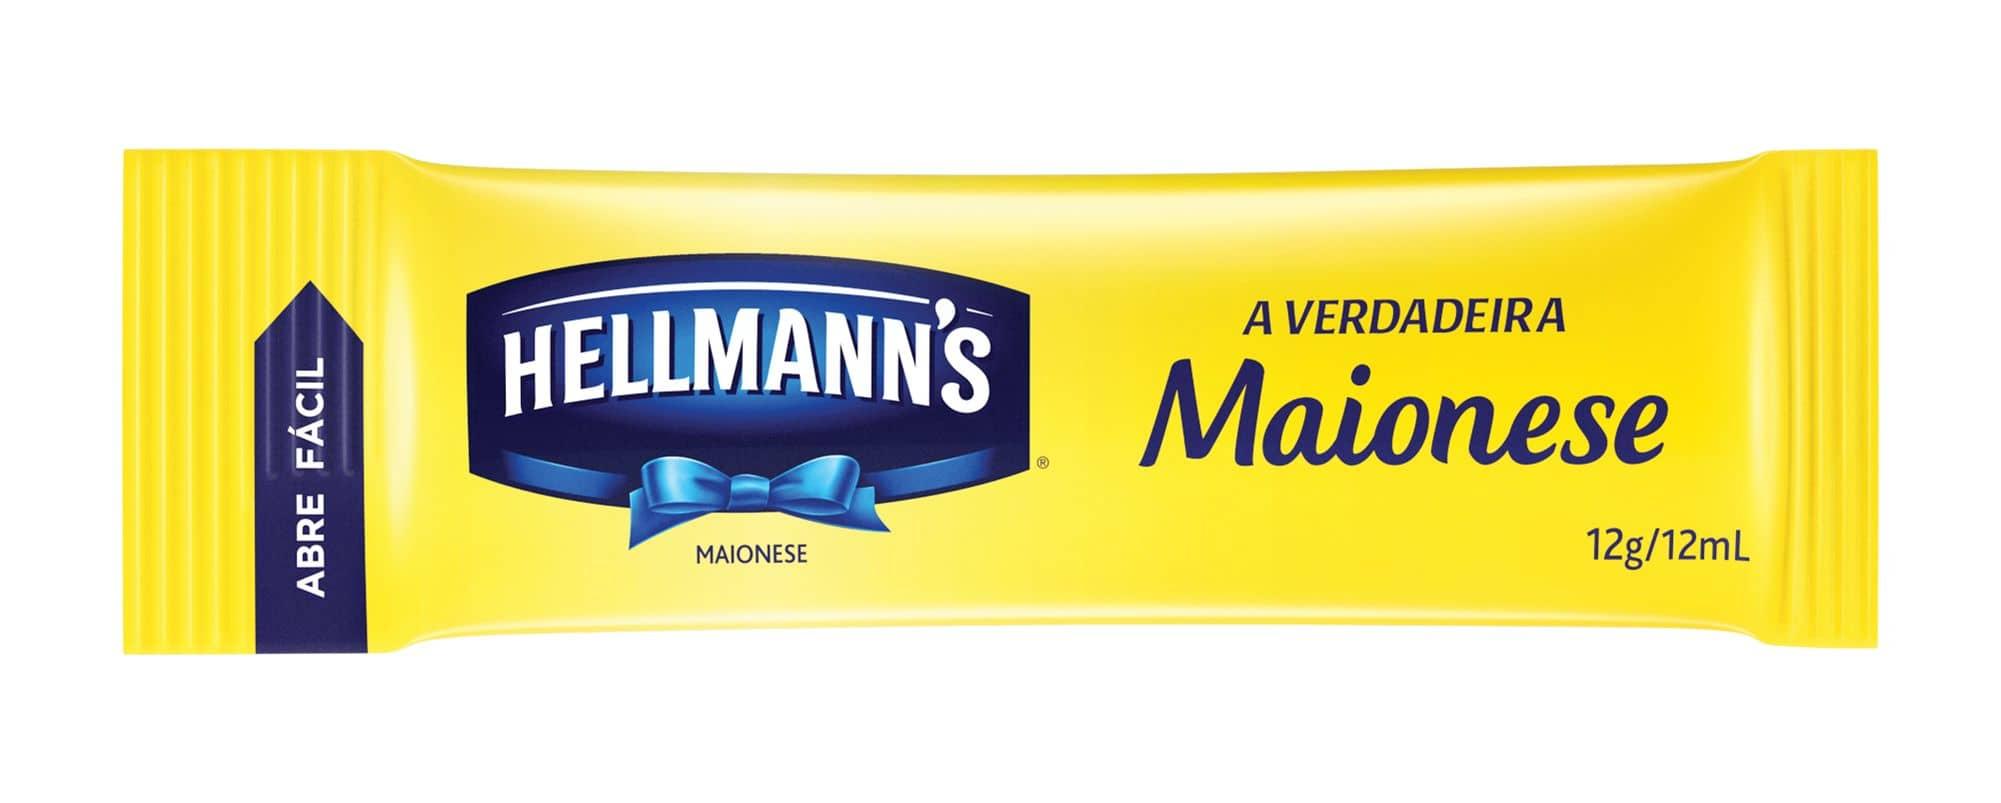 Maionese_Hellmanns_sach_abre_fcil_12g_0000x0000_0